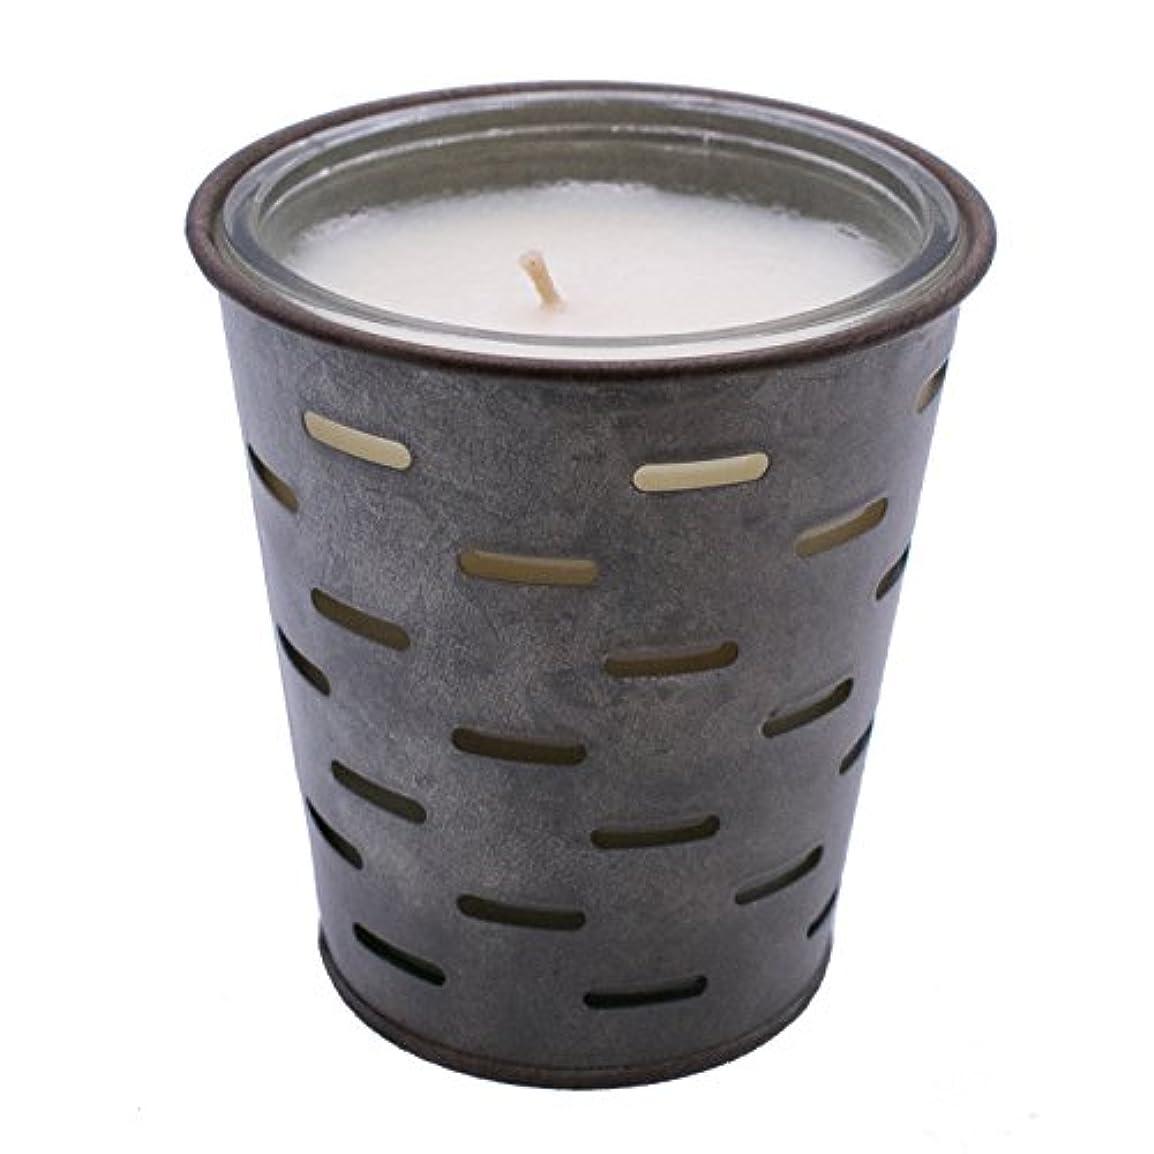 脱走逃す麻痺Sweetオリーブ、オリーブバケットFragrance Candle優れ、香り、ガラスJar in Tin Pot亜鉛メッキ、13oz